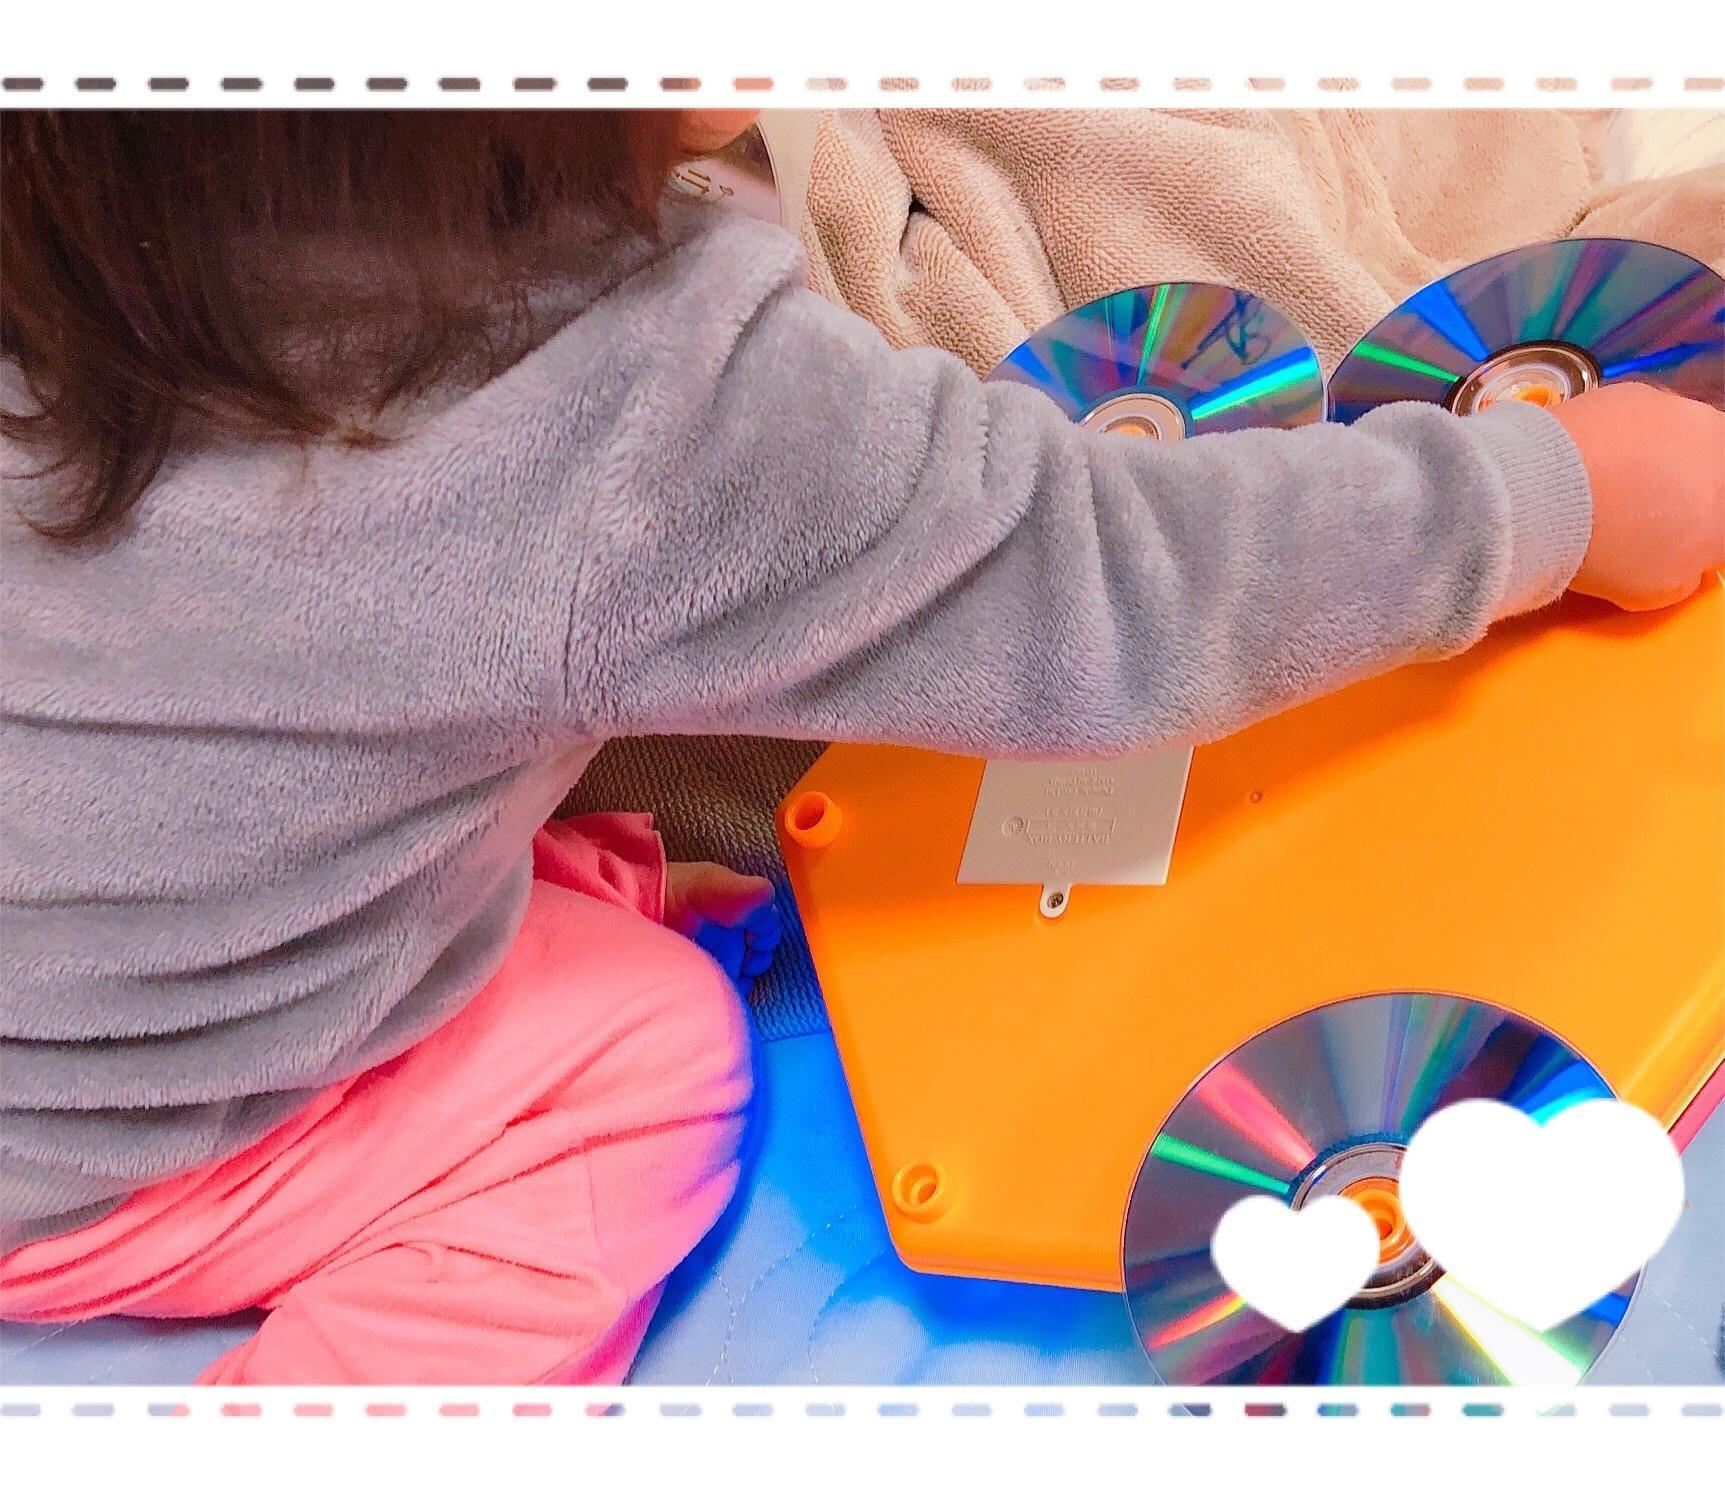 「子供の発想って…」12/02(12/02) 18:52 | ひなたの写メ・風俗動画